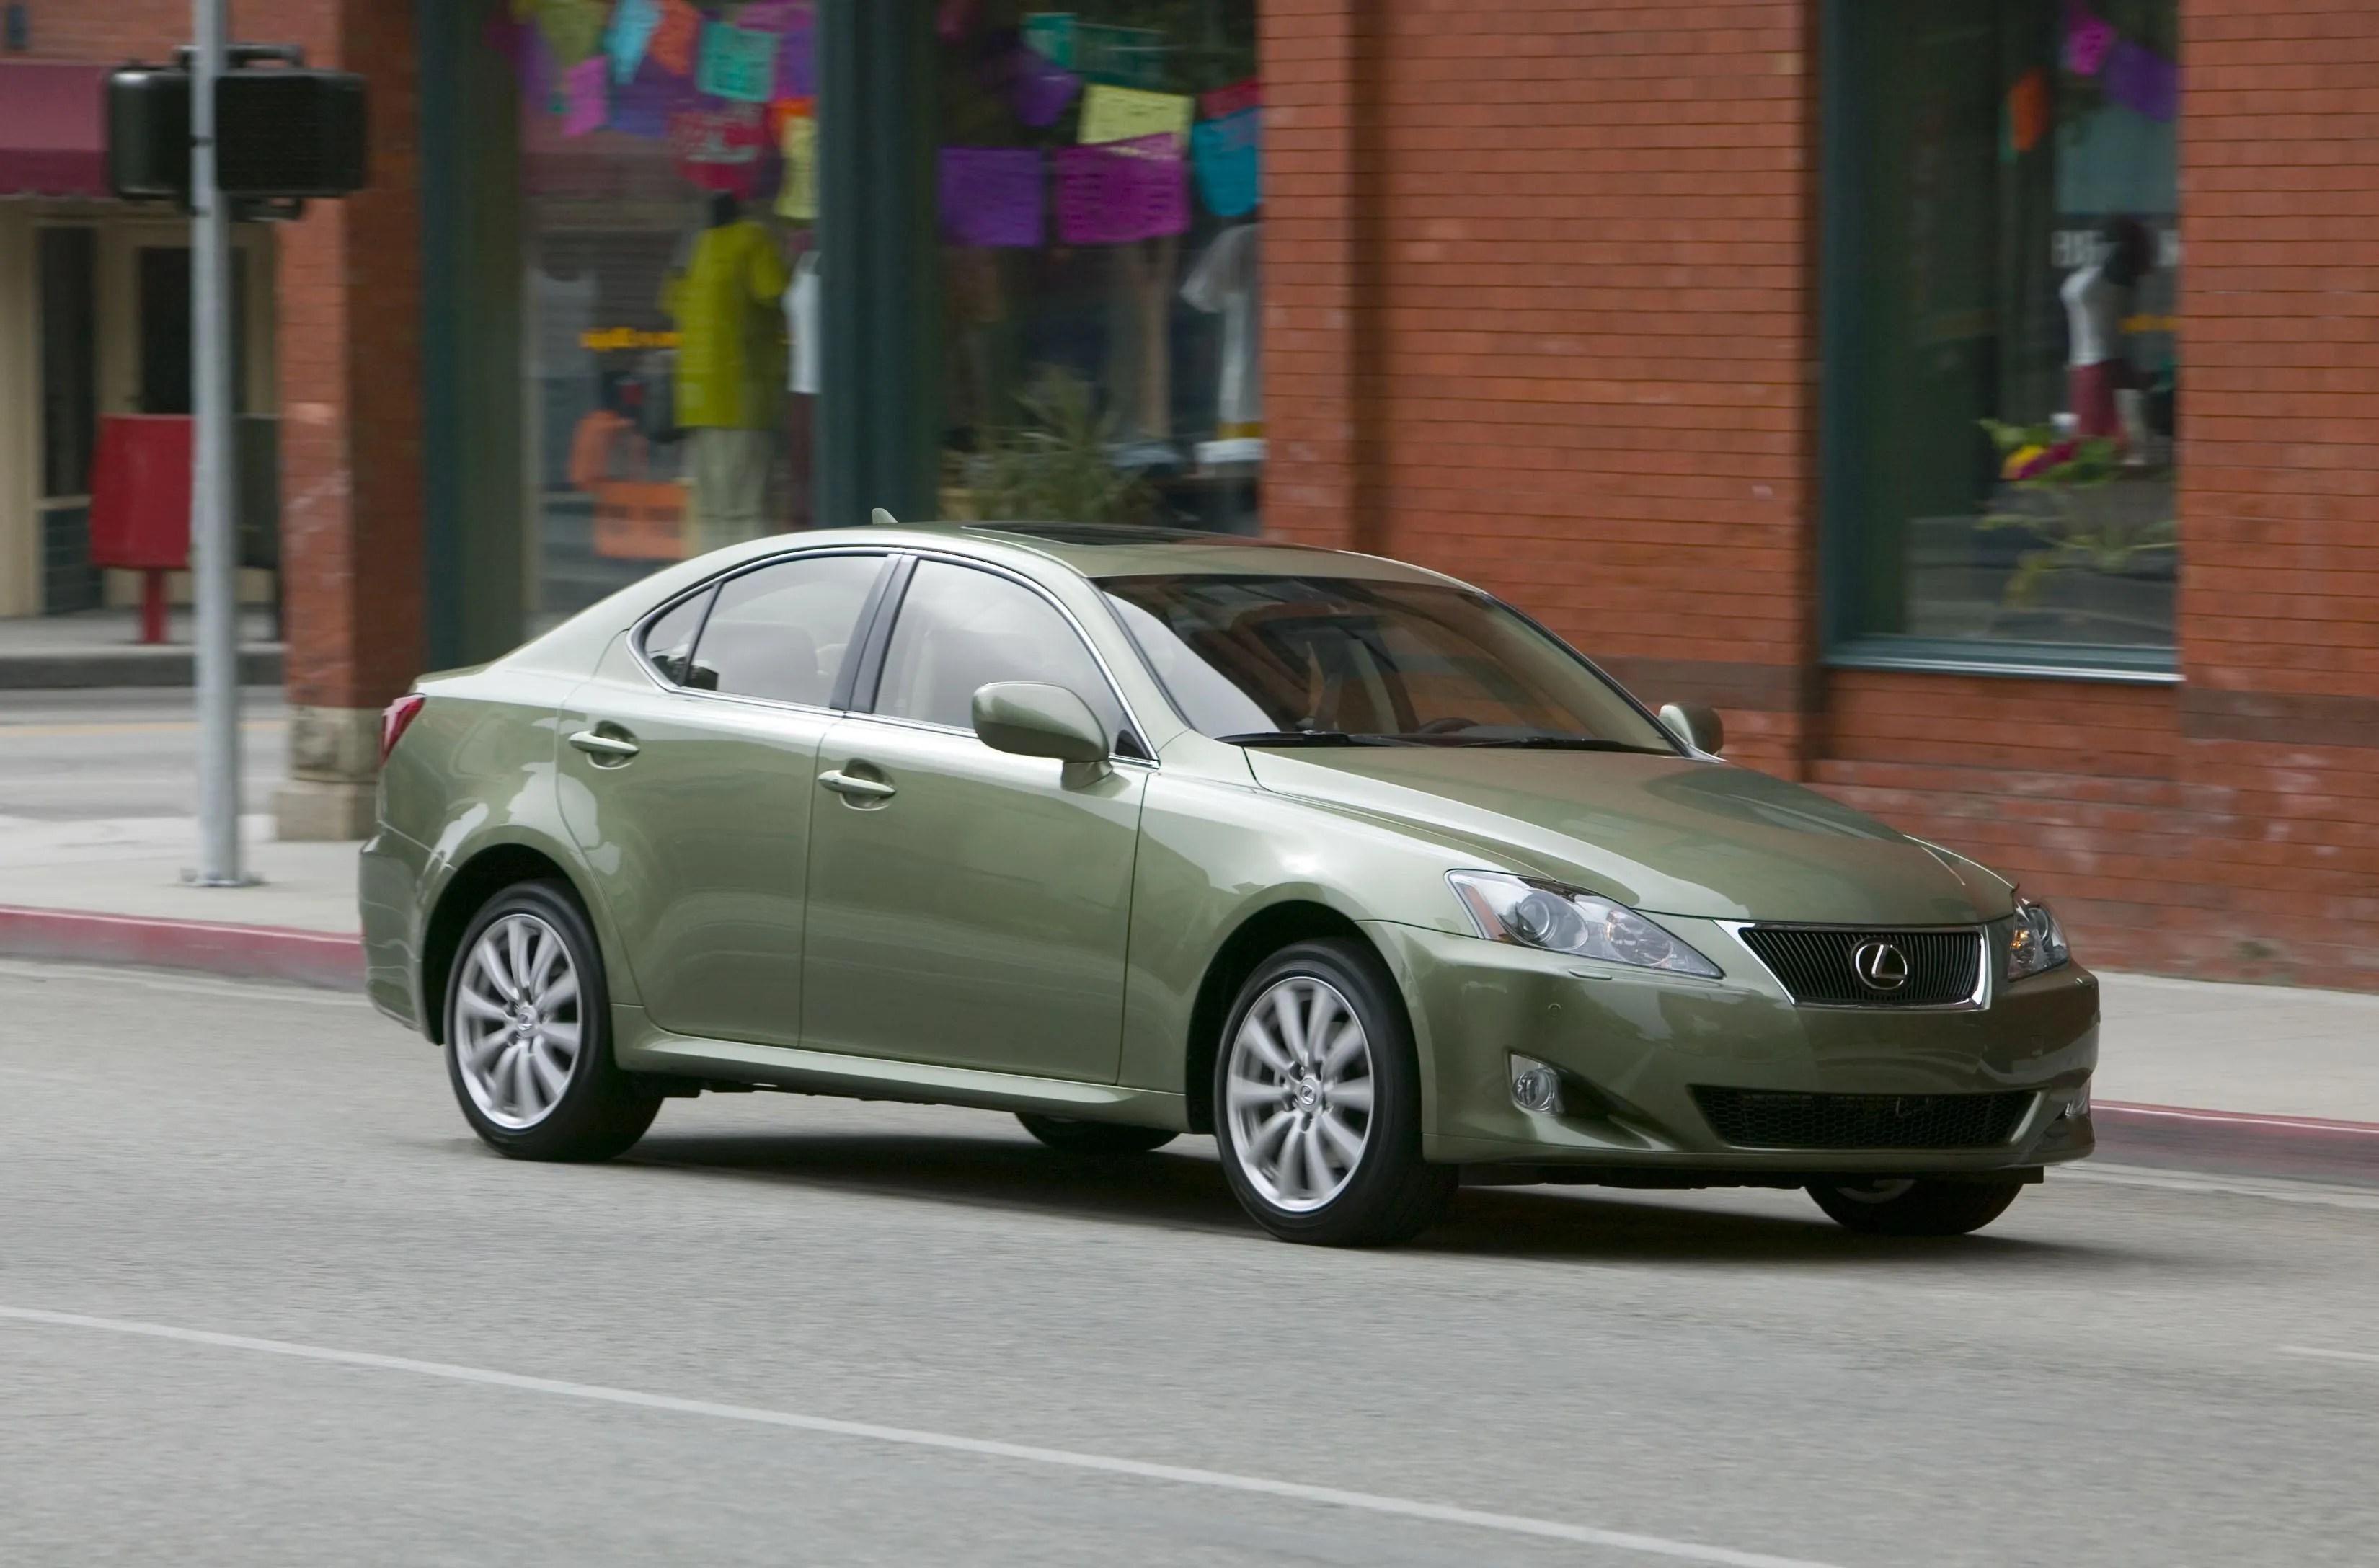 2007 Lexus IS 250 Review Top Speed